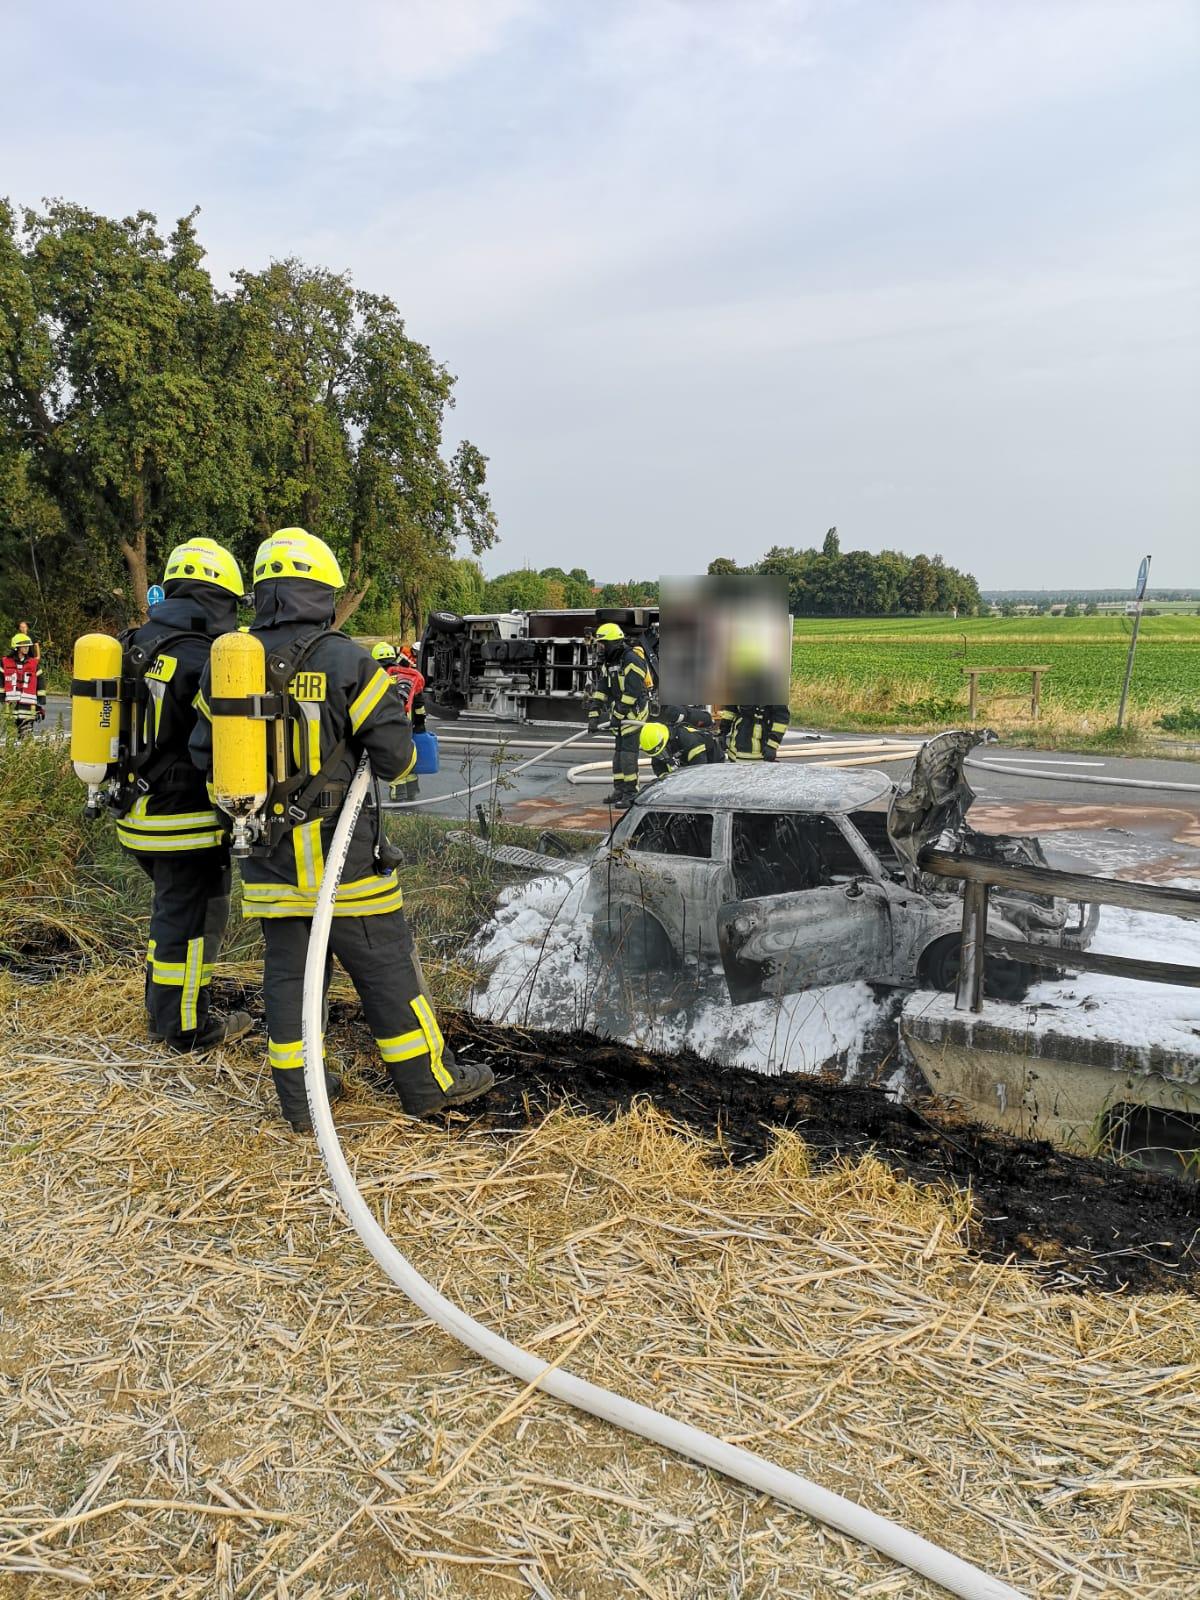 PKW brennt nach Verkehrsunfall